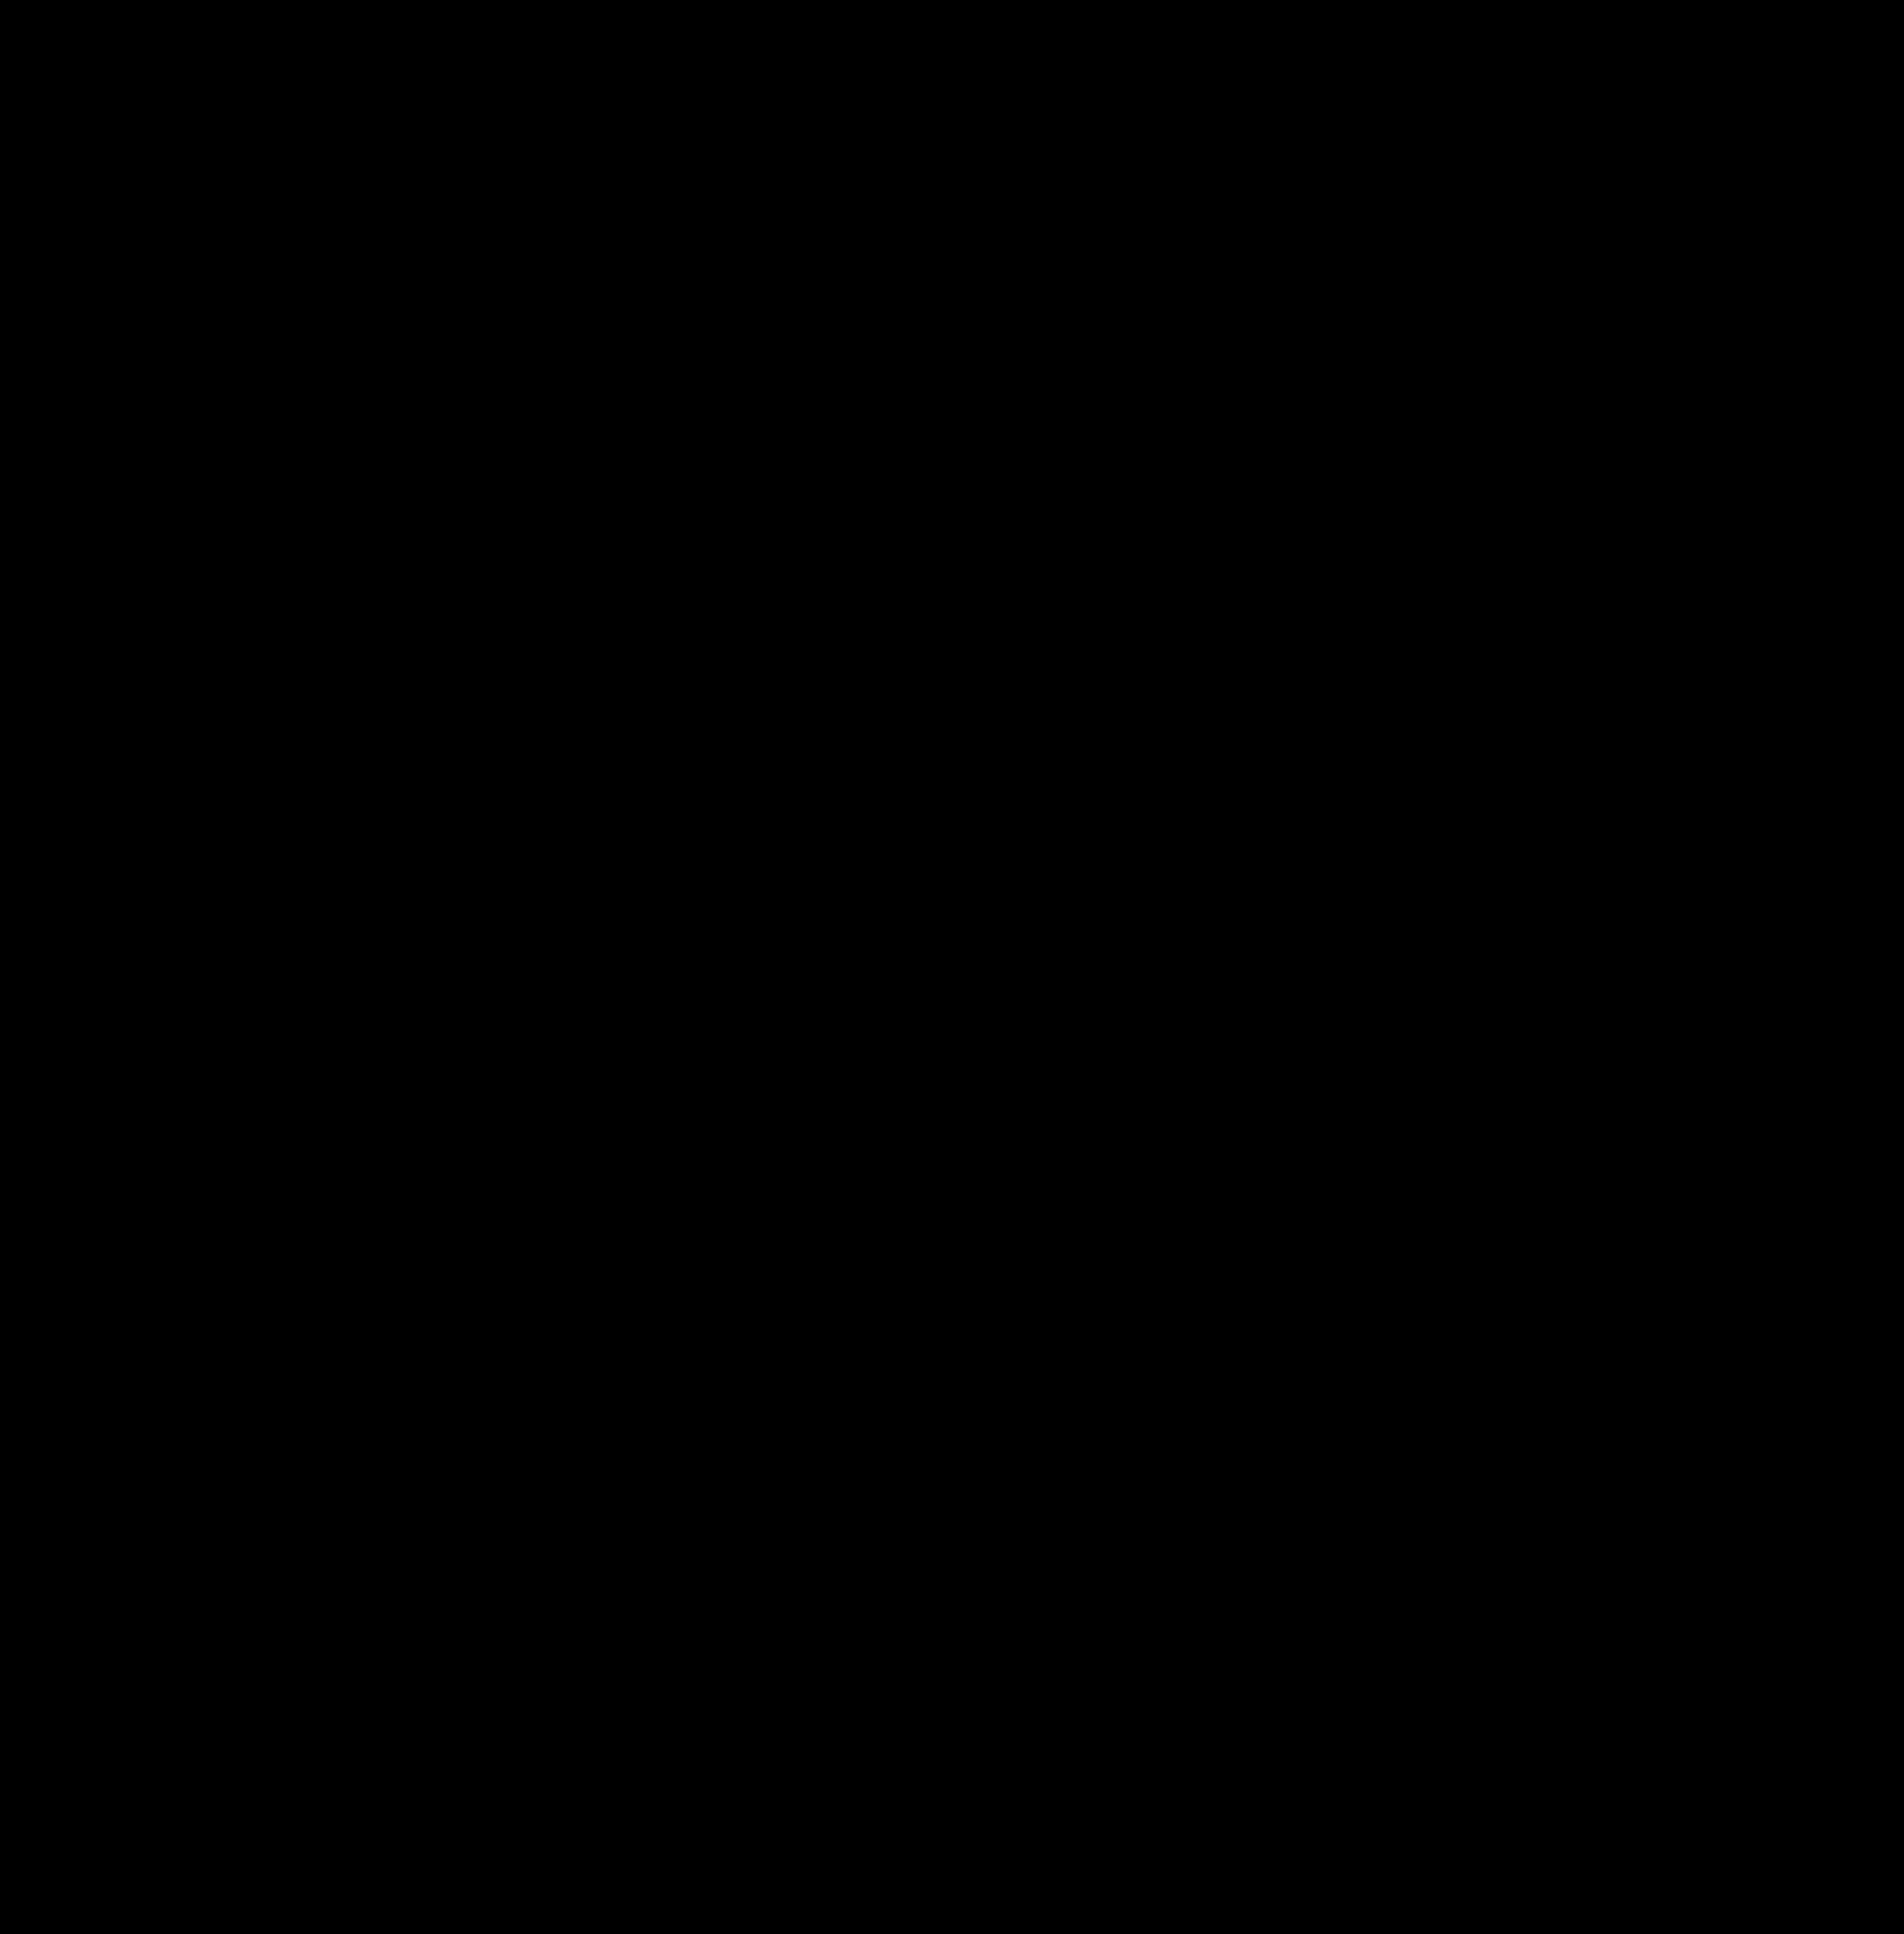 GHD Mono Logo Black